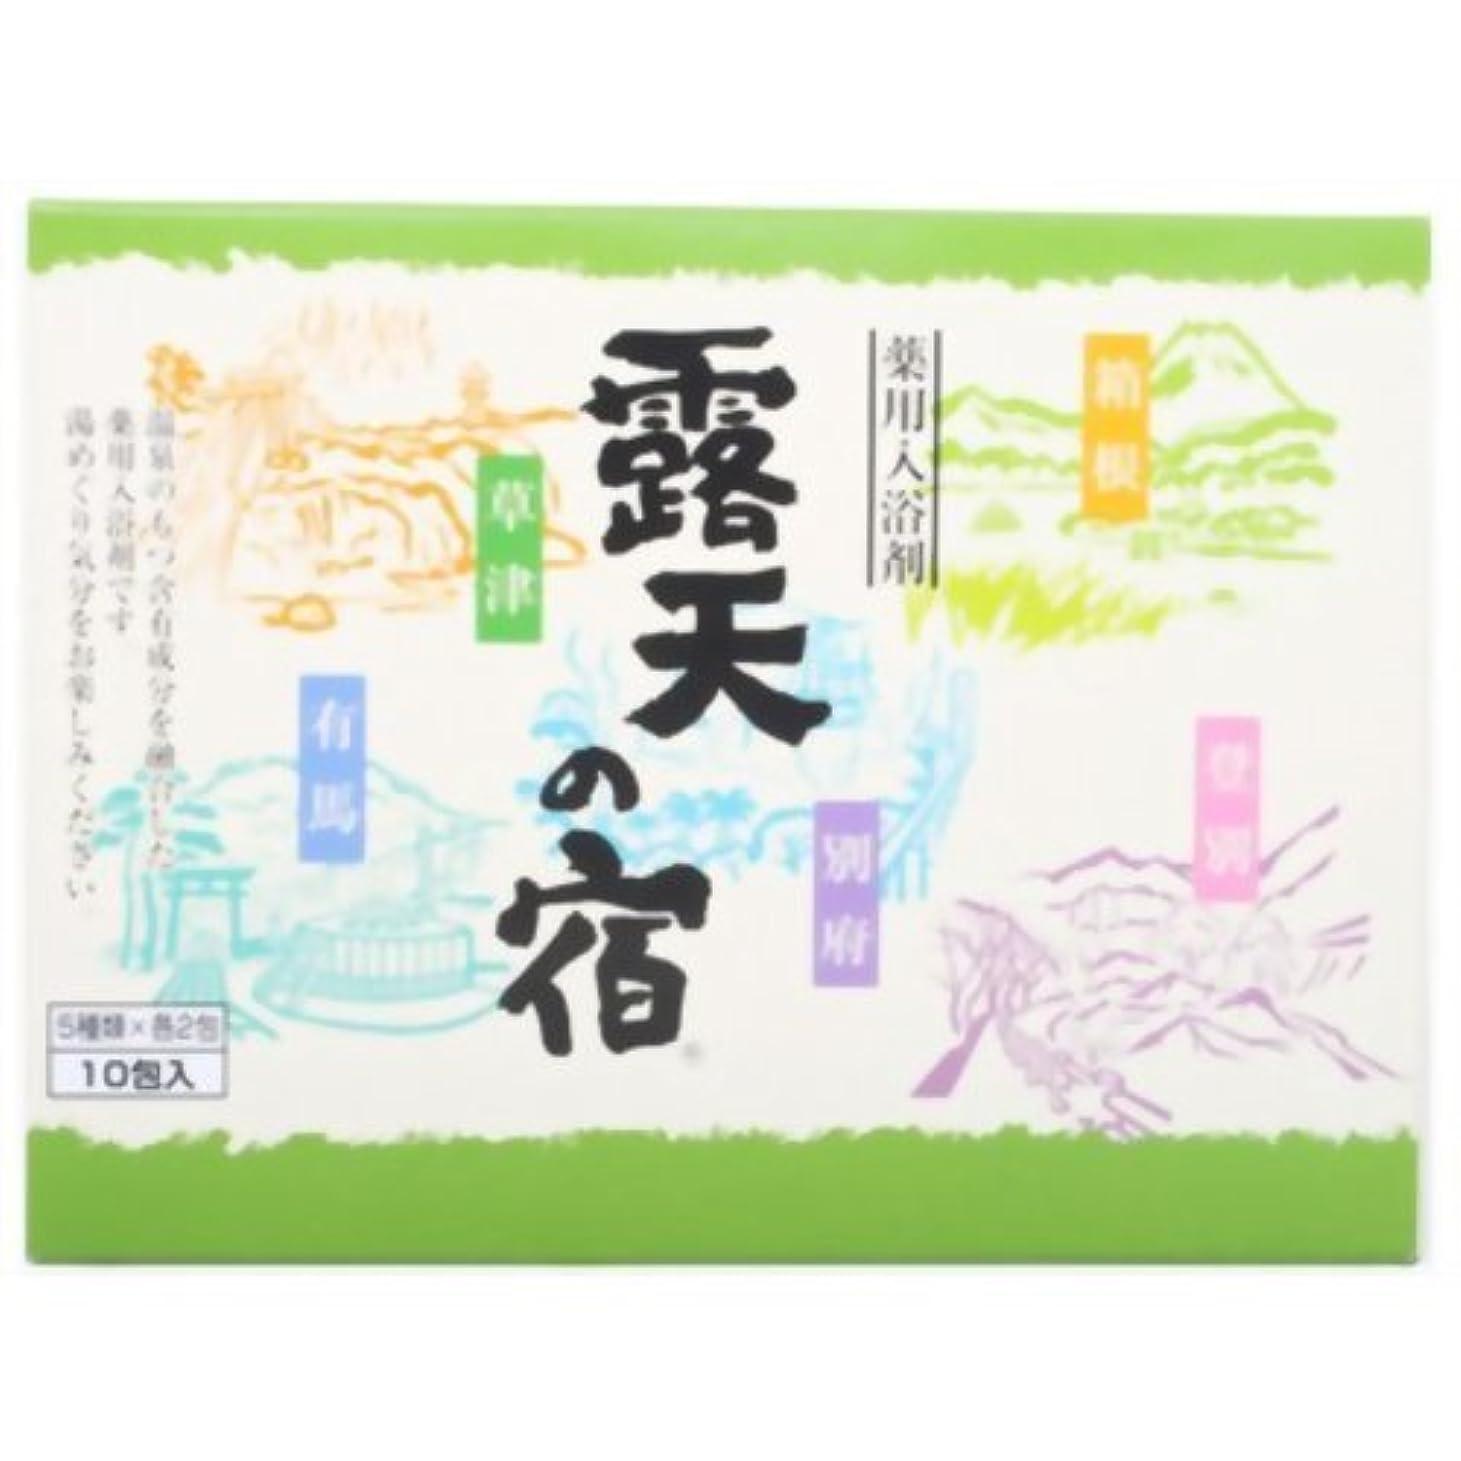 サラミ展示会機関車薬用入浴剤 露天の宿 10包入(5種類*各2包)